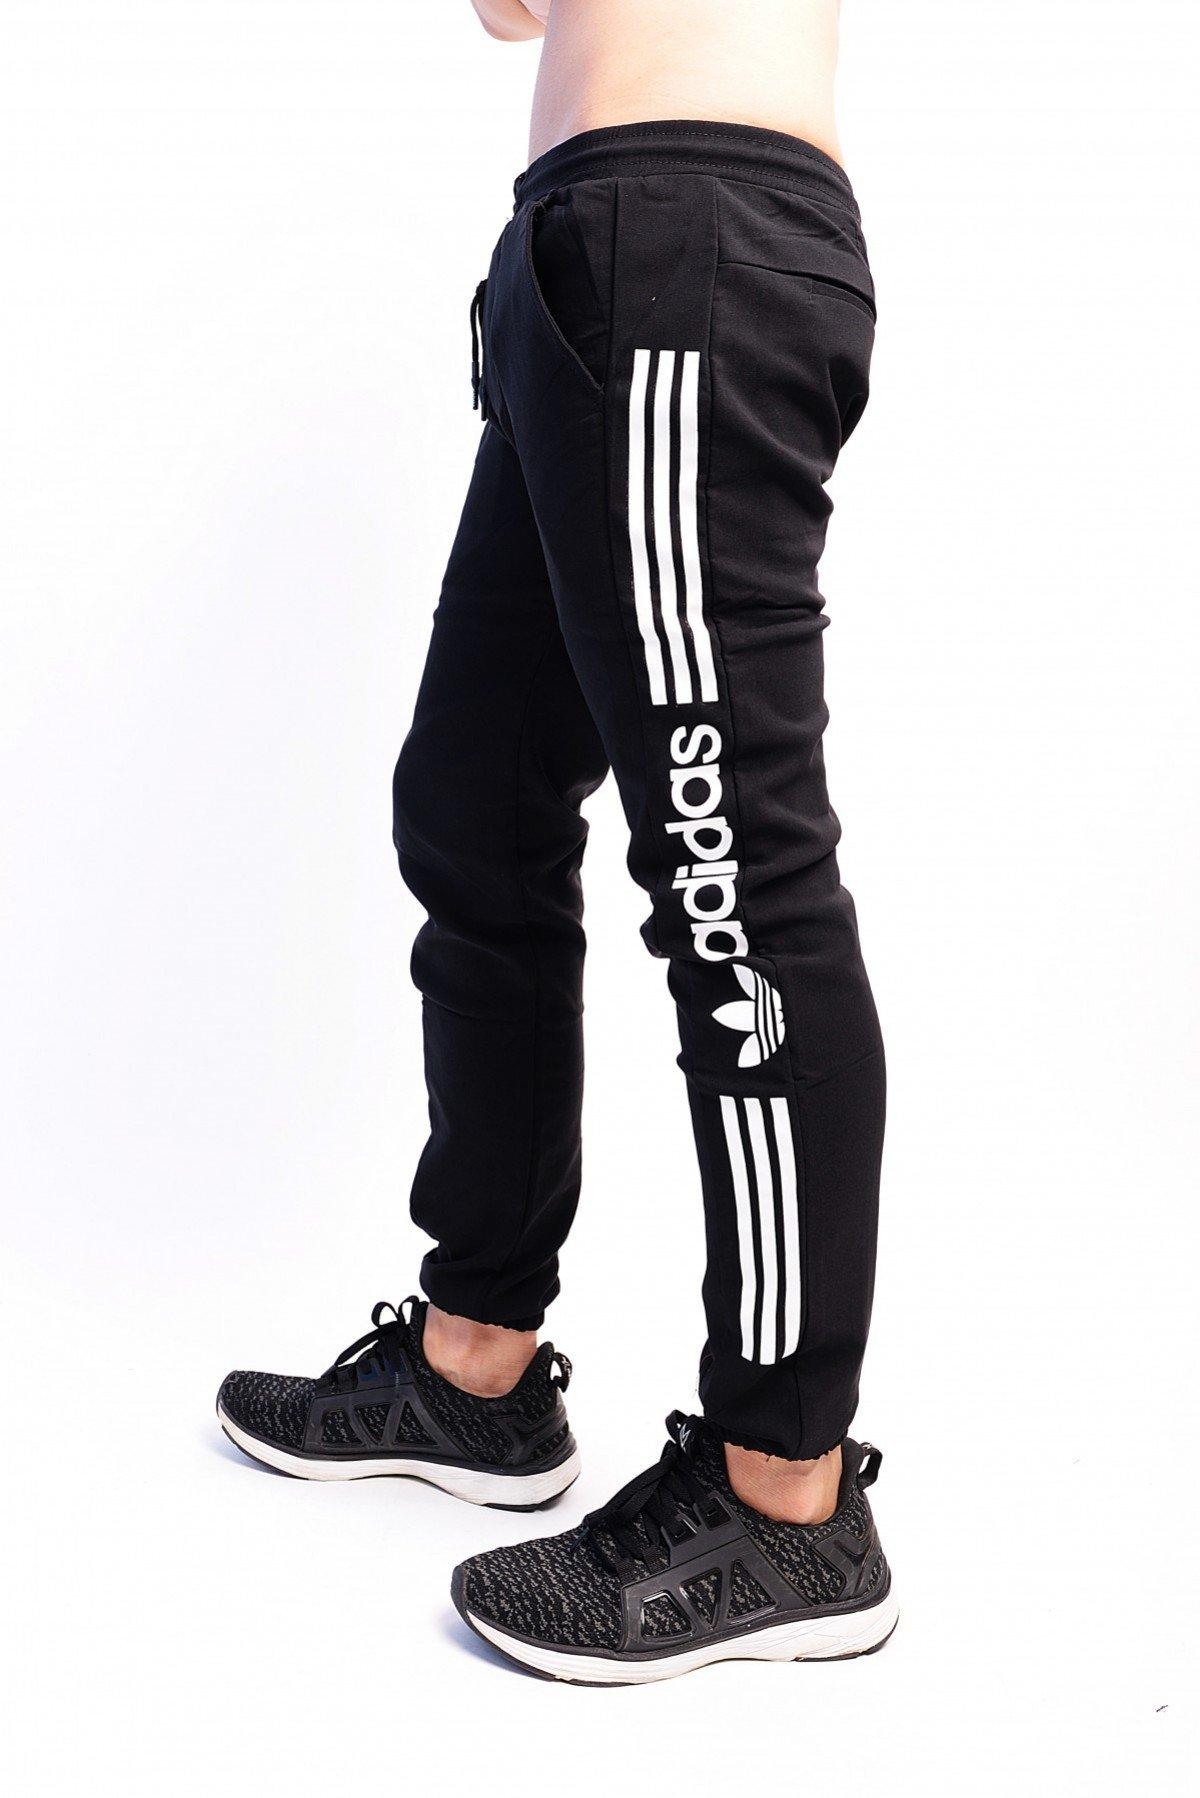 Quần jogger kaki thun 2 bên ống quần là sự kết hợp 3 sọc trắng rất là hài hoà tạo nên nét riêng của quần.